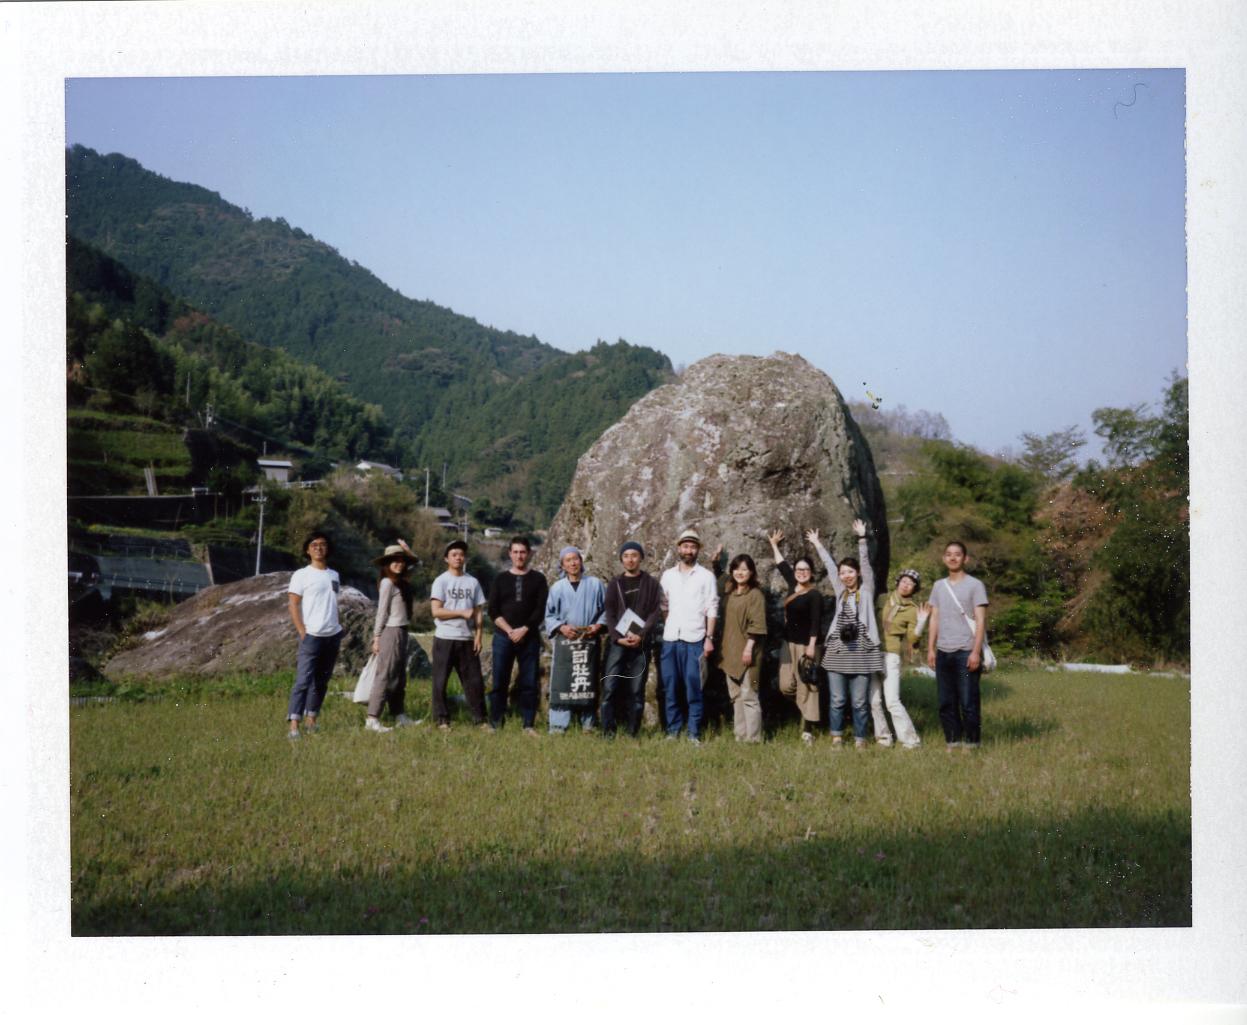 柳野の美しい場所で、旅のメンバーと記念撮影。